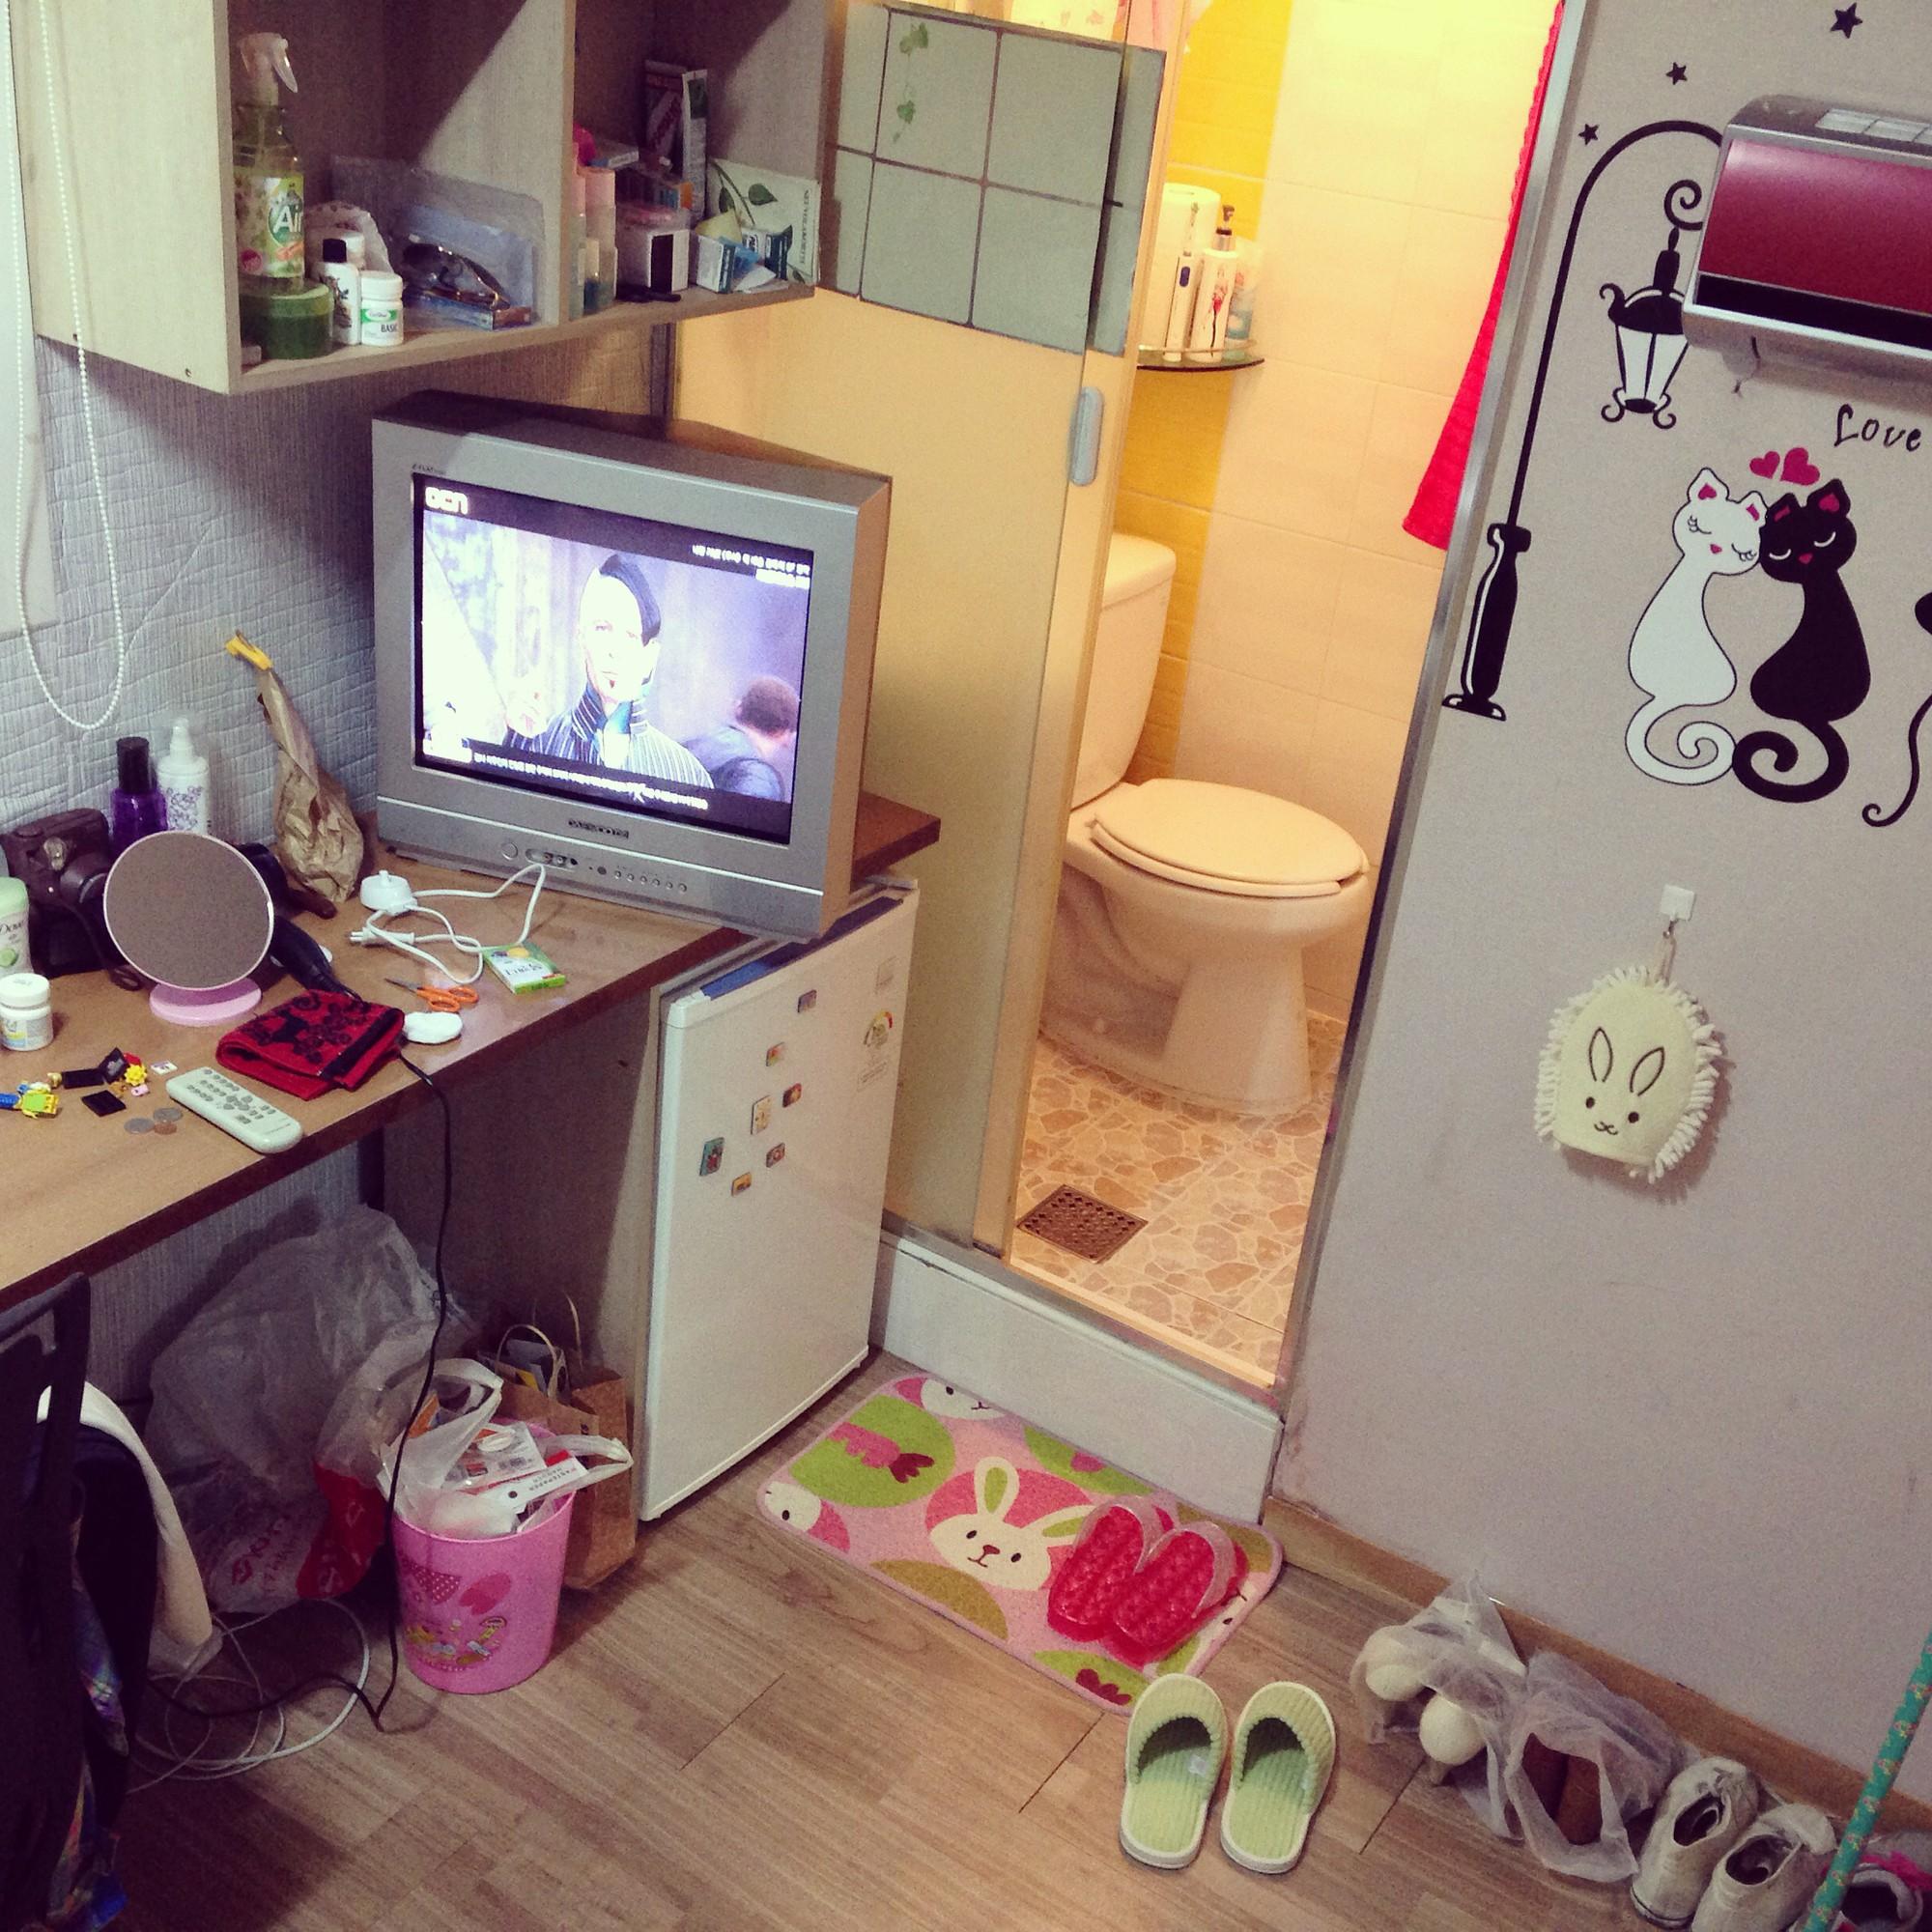 Đột nhập Goshiwon - phòng trọ hộp diêm dành cho sinh viên Hàn Quốc: Chỉ rộng 3m2, toilet bên cạnh giường ngủ - Ảnh 9.